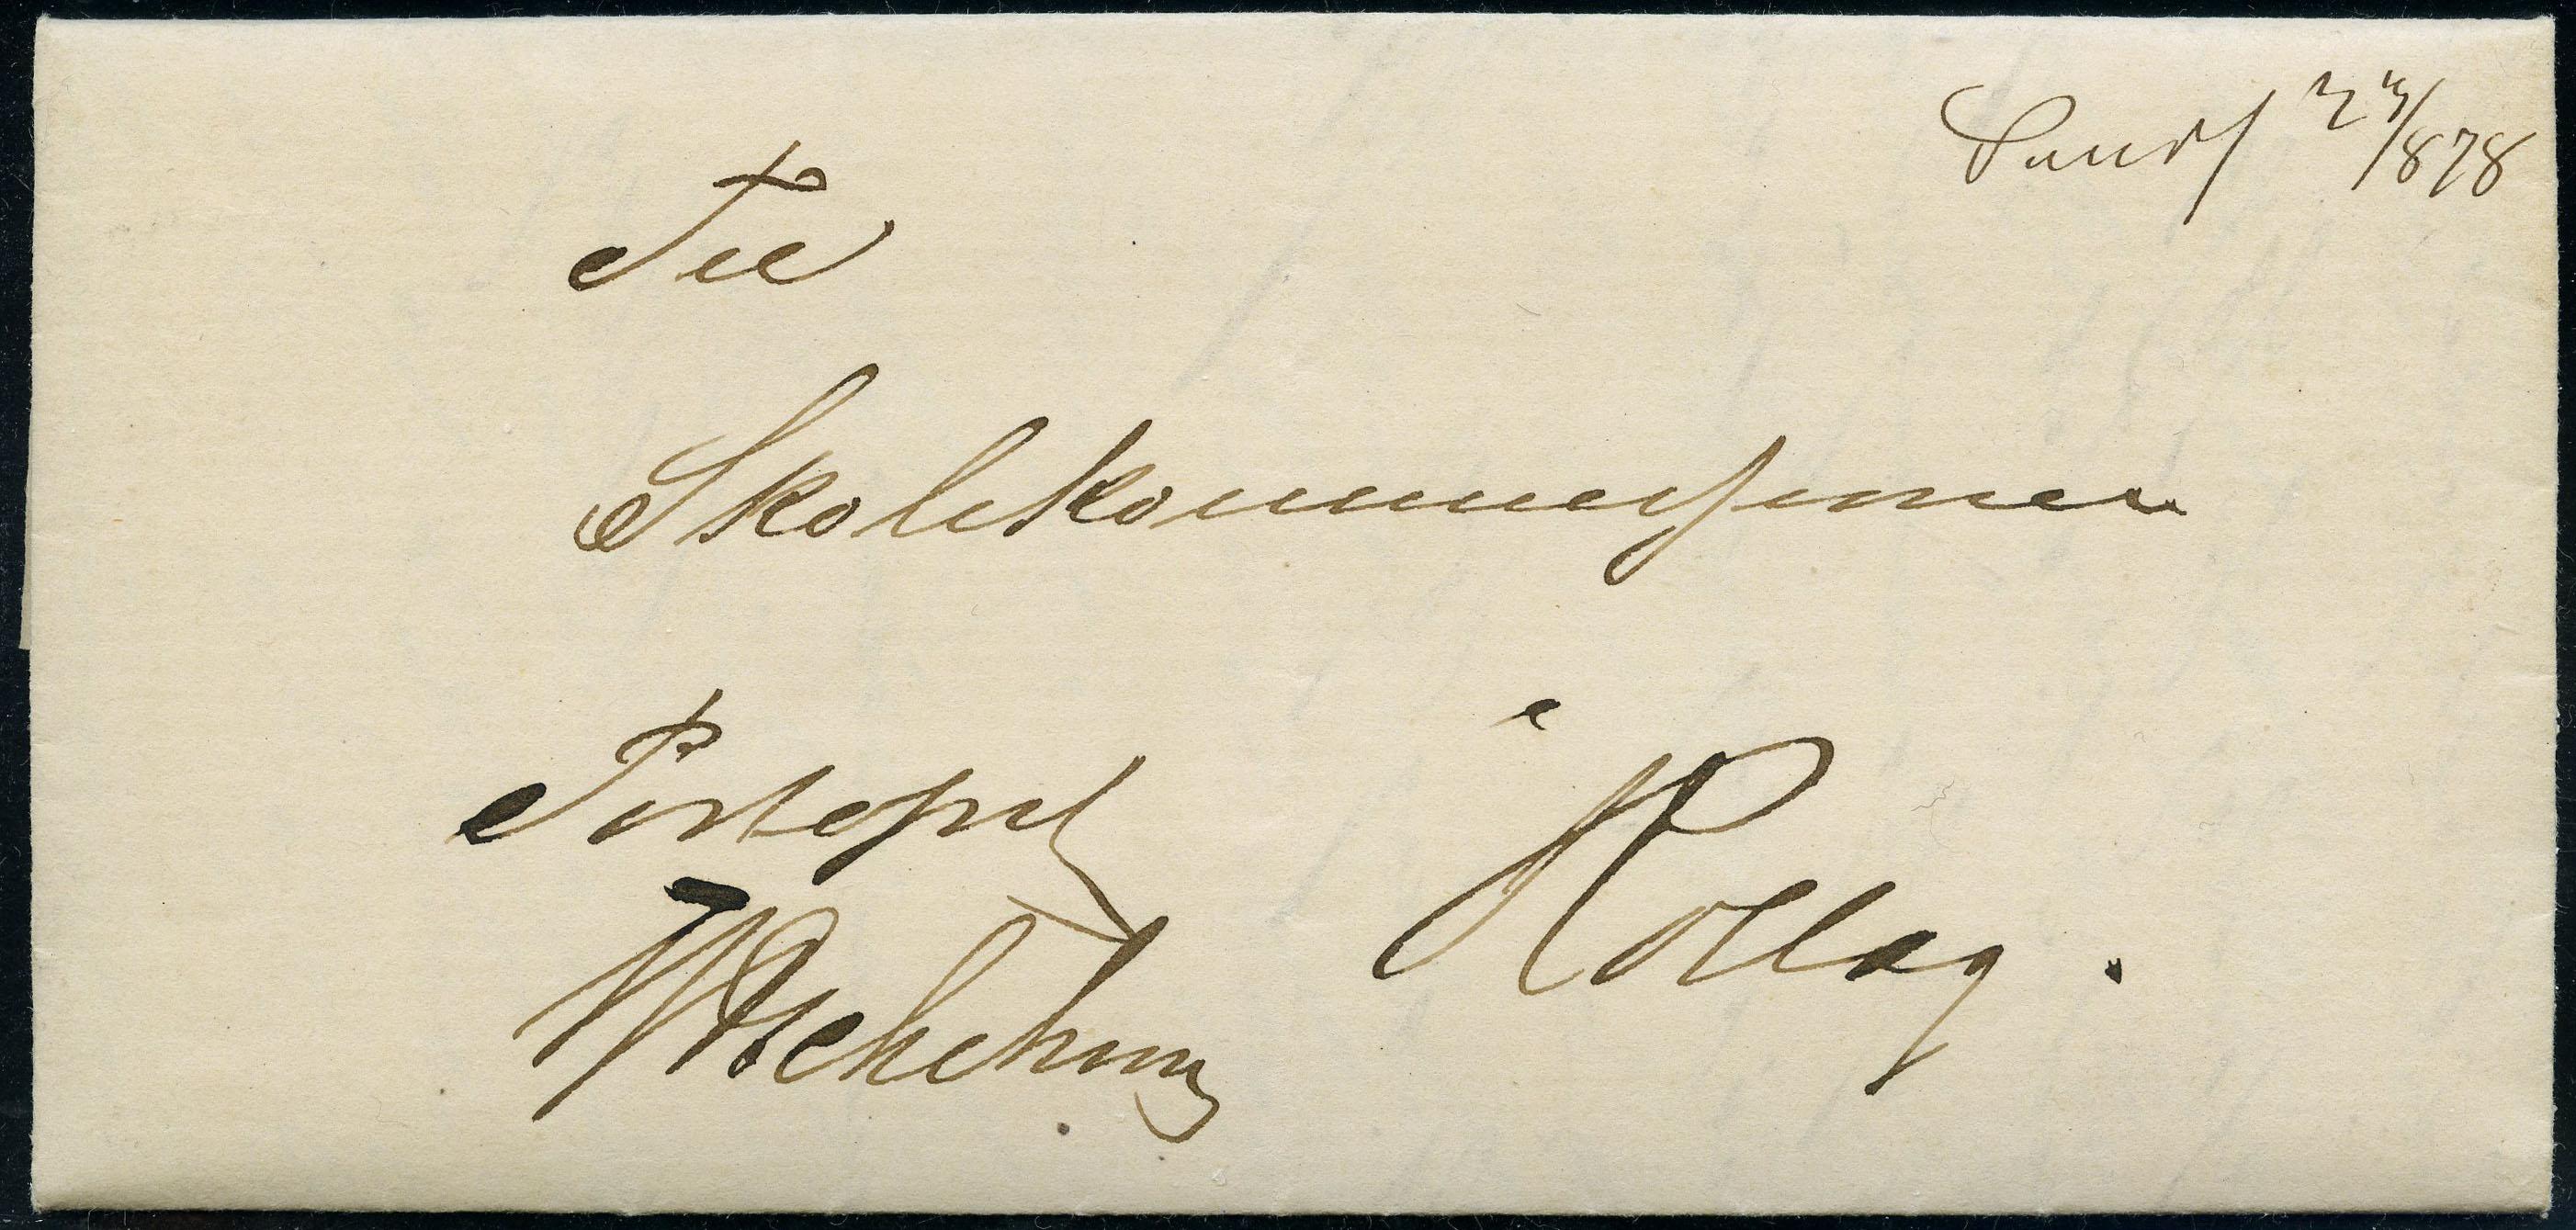 Lot 4624 - Håndskrevne annulleringer  -  Skanfil Auksjoner AS  Public auction 211